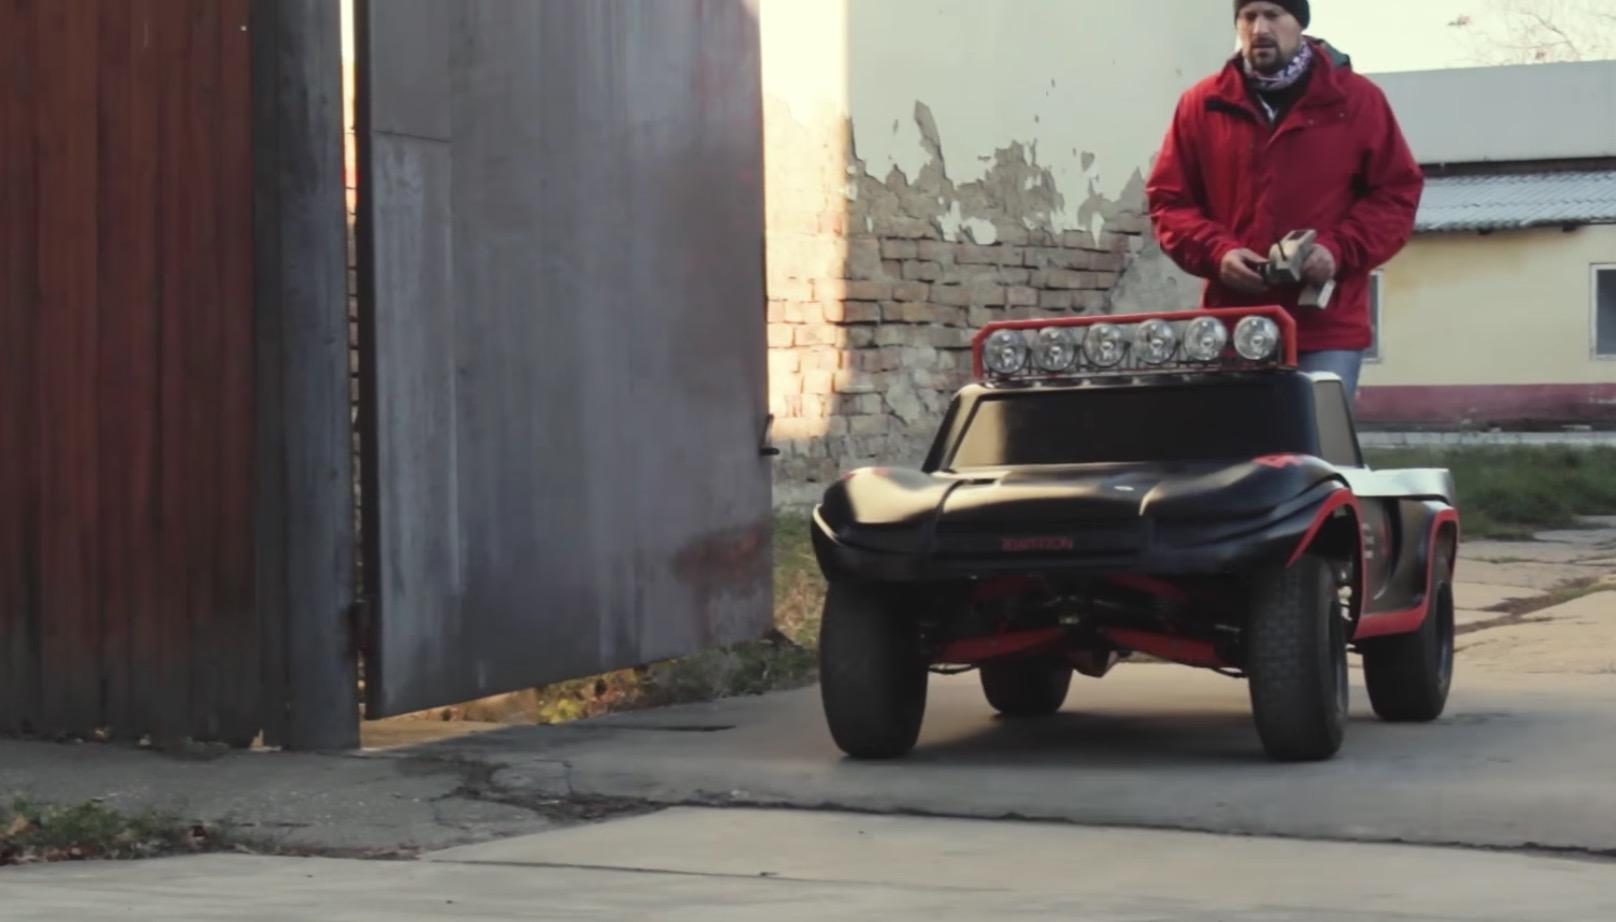 このラジコンがデカすぎ!全長2m・重さ170kg、270ccエンジン搭載のモンスター!